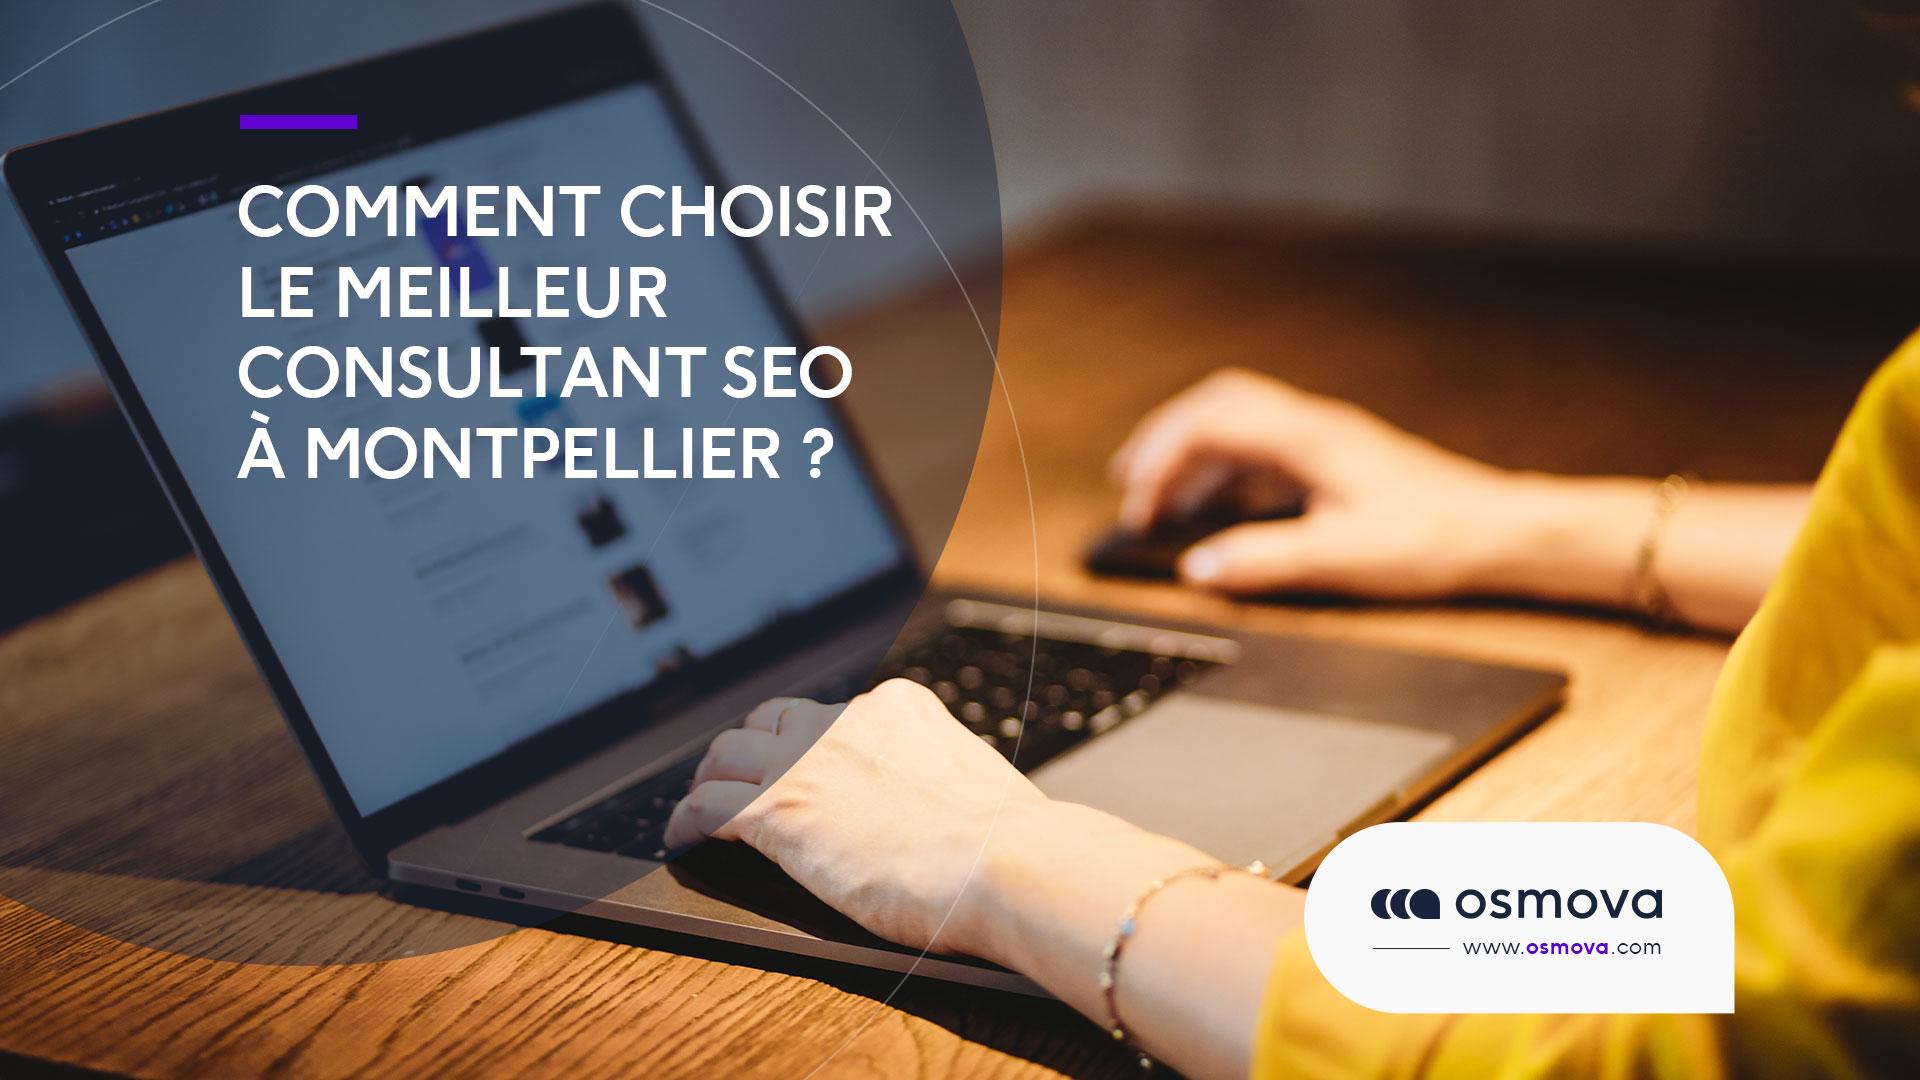 Comment choisir le meilleur consultant SEO local à Montpellier